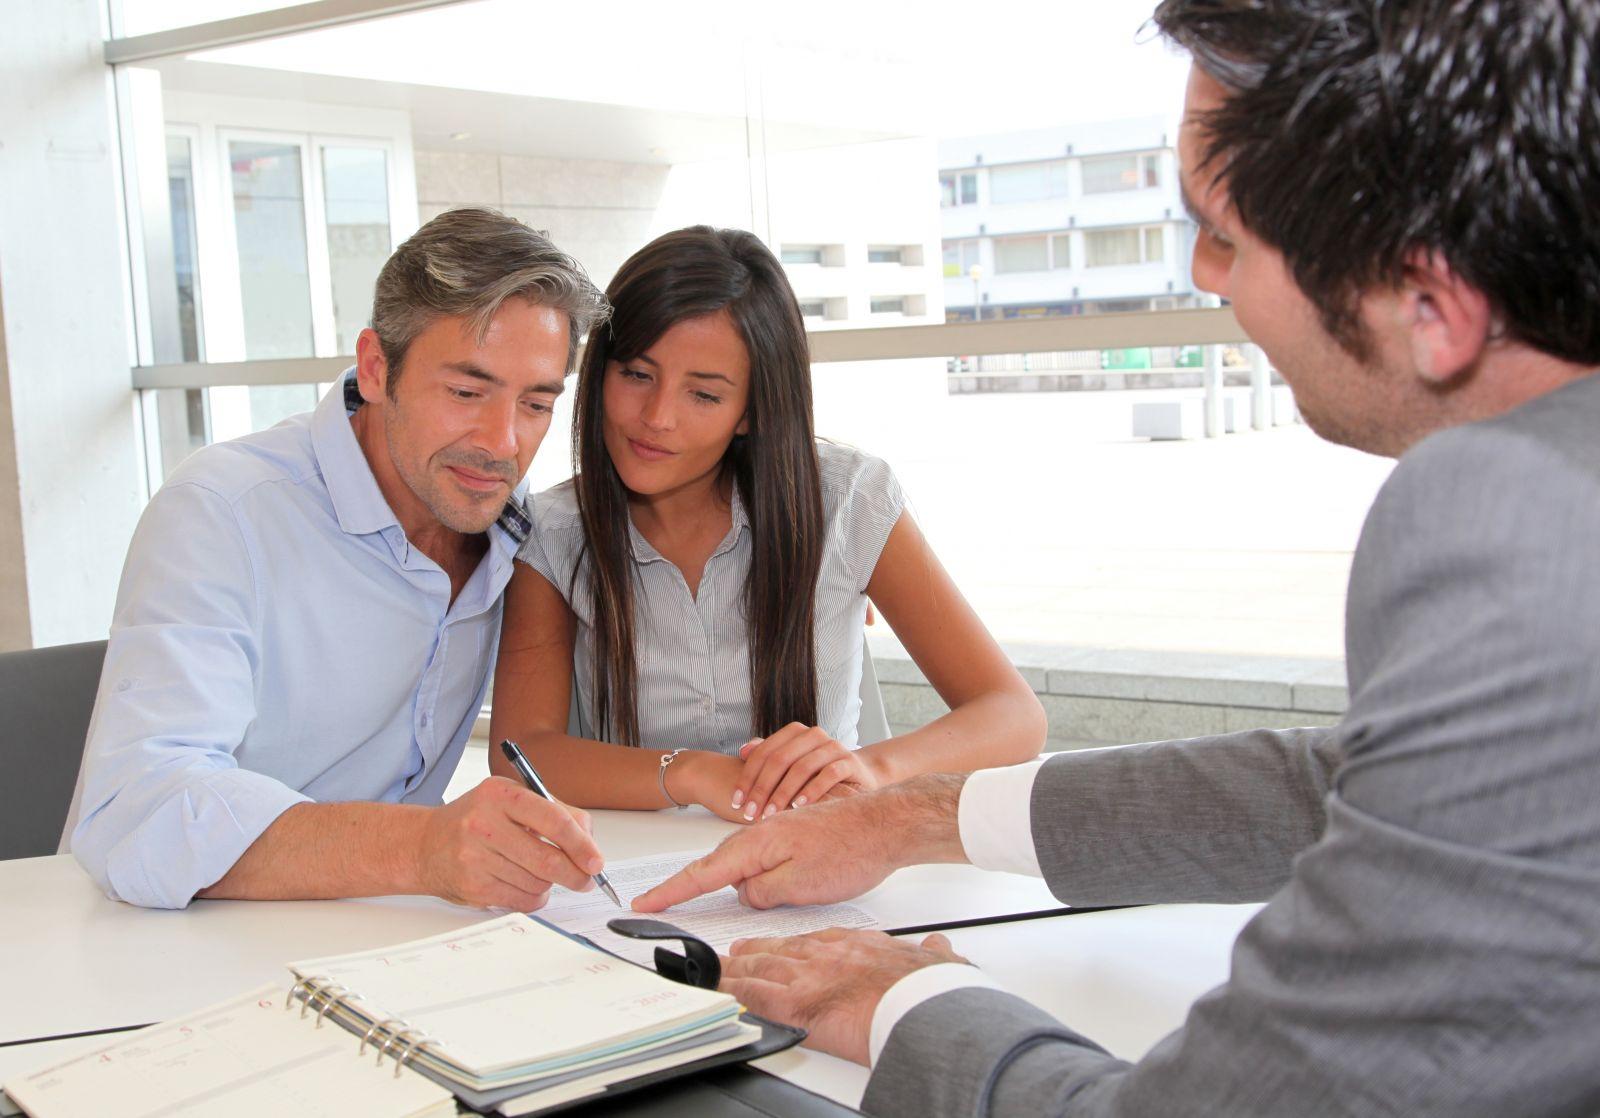 ТОП 20 схем мошенничества при продаже и покупке квартиры + советы наших юристов